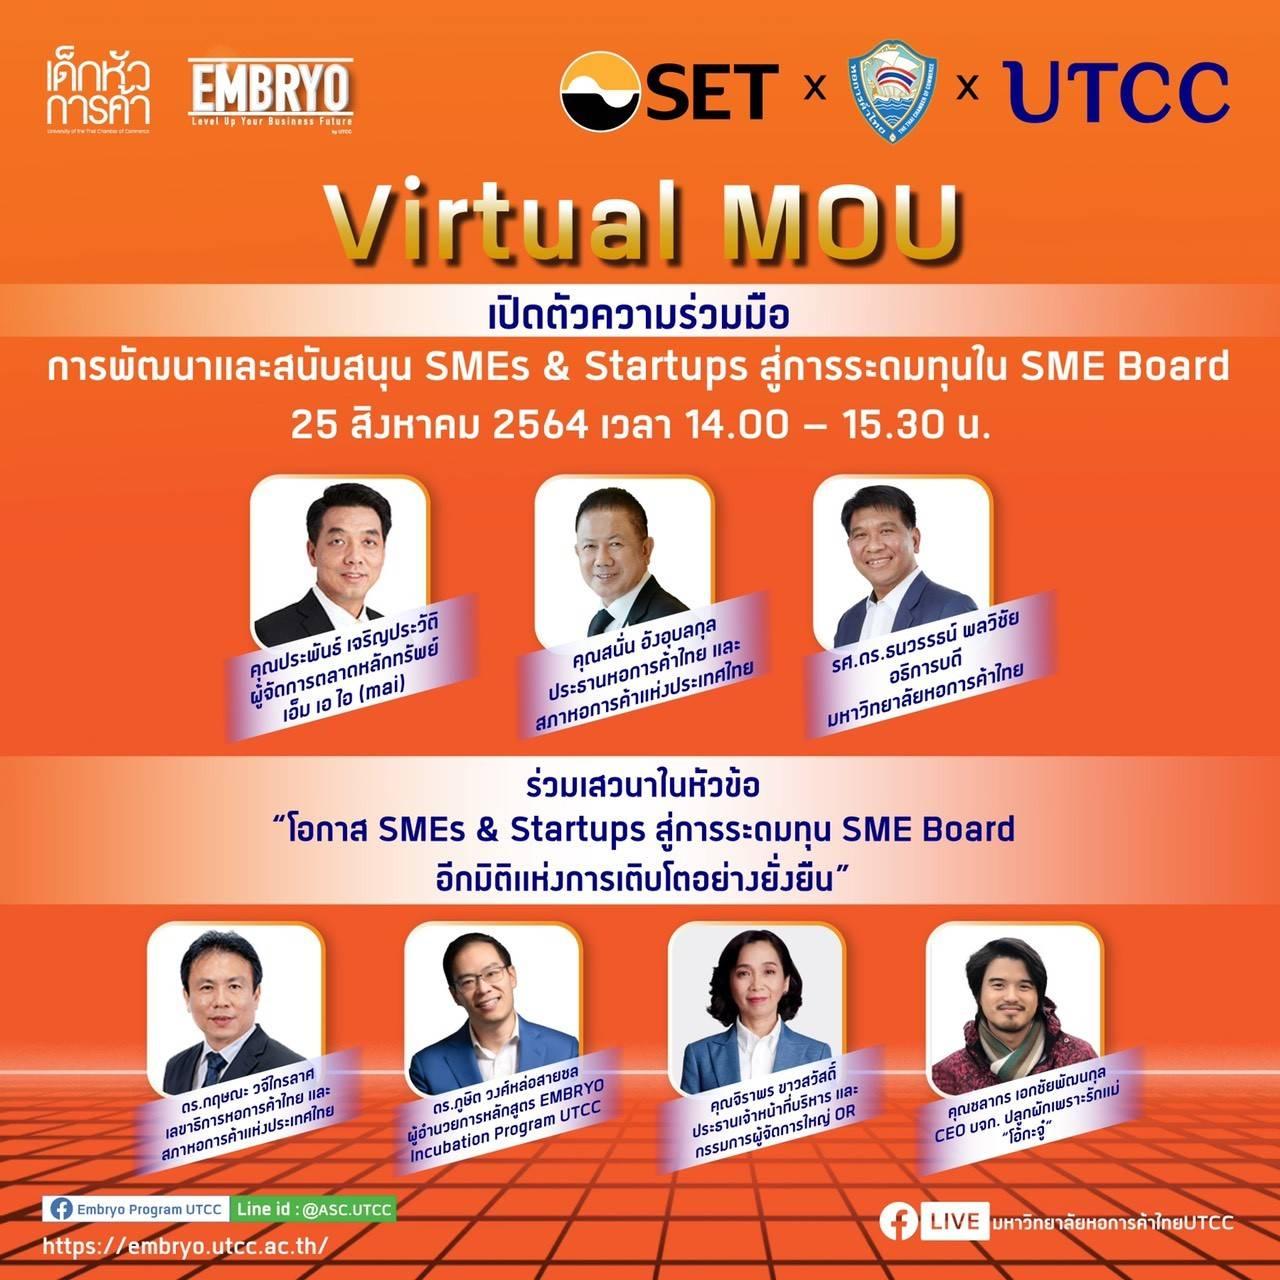 """ขอเชิญรับชม Virtual MOU LIVE Streaming การเปิดตัวความร่วมมือ ระหว่าง ตลาดหลักทรัพย์แห่งประเทศไทย หอการค้าไทย และมหาวิทยาลัยหอการค้าไทย ภายใต้หัวข้อ """"การพัฒนาและสนับสนุน SMEs & Startups สู่การระดมทุนใน SME Board"""""""